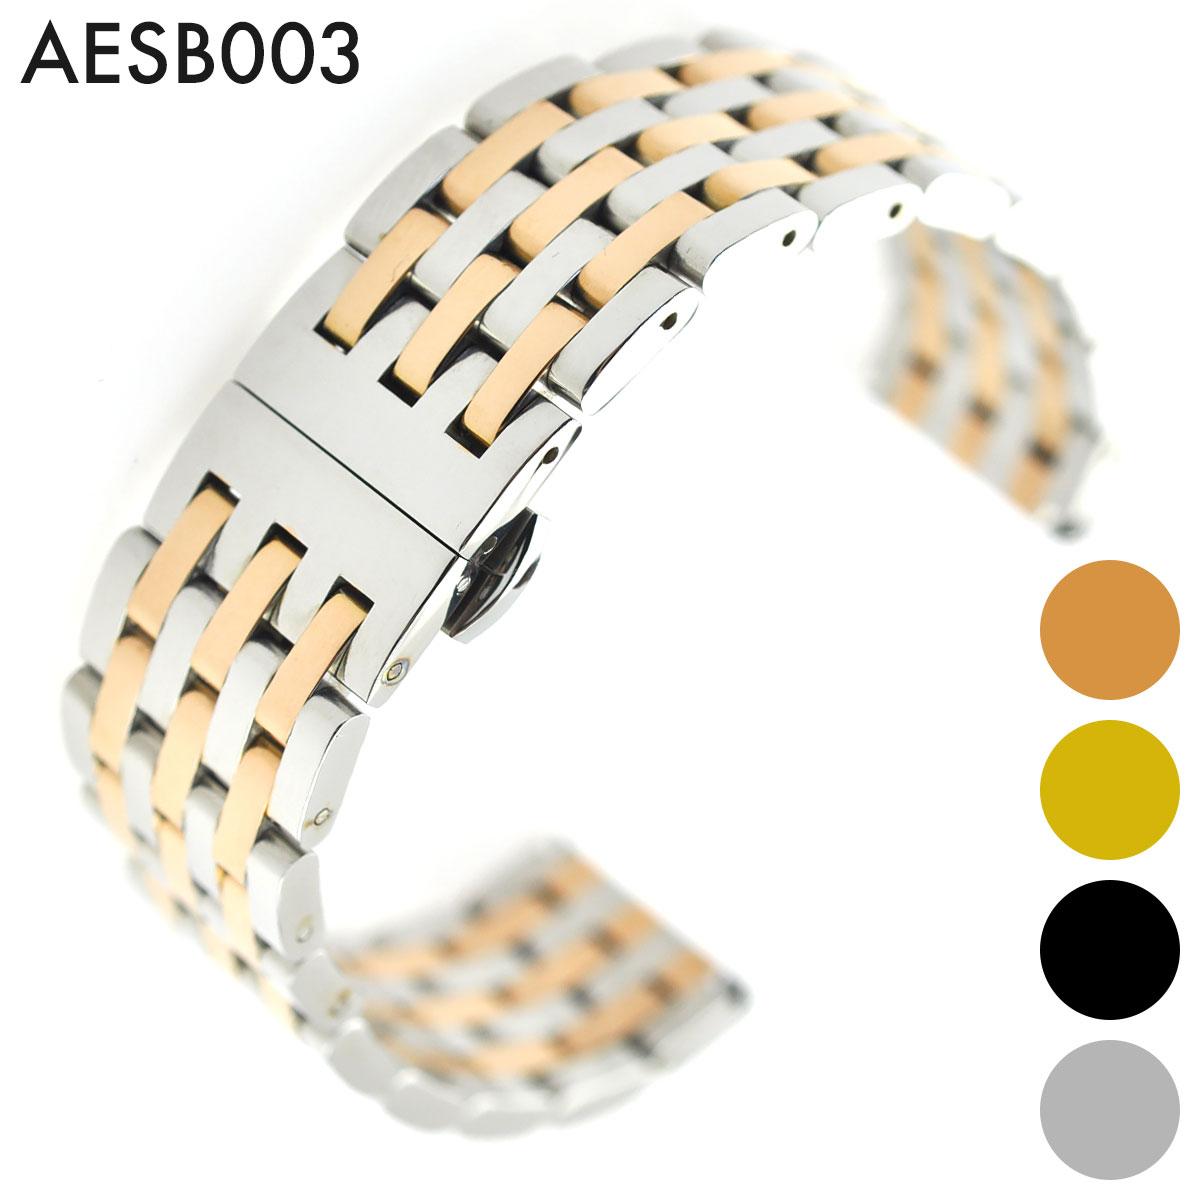 腕時計用 ステンレスベルト 取付幅:20mm/22mm 社外品 (尾錠) Dバックル [Eight-AESB003]